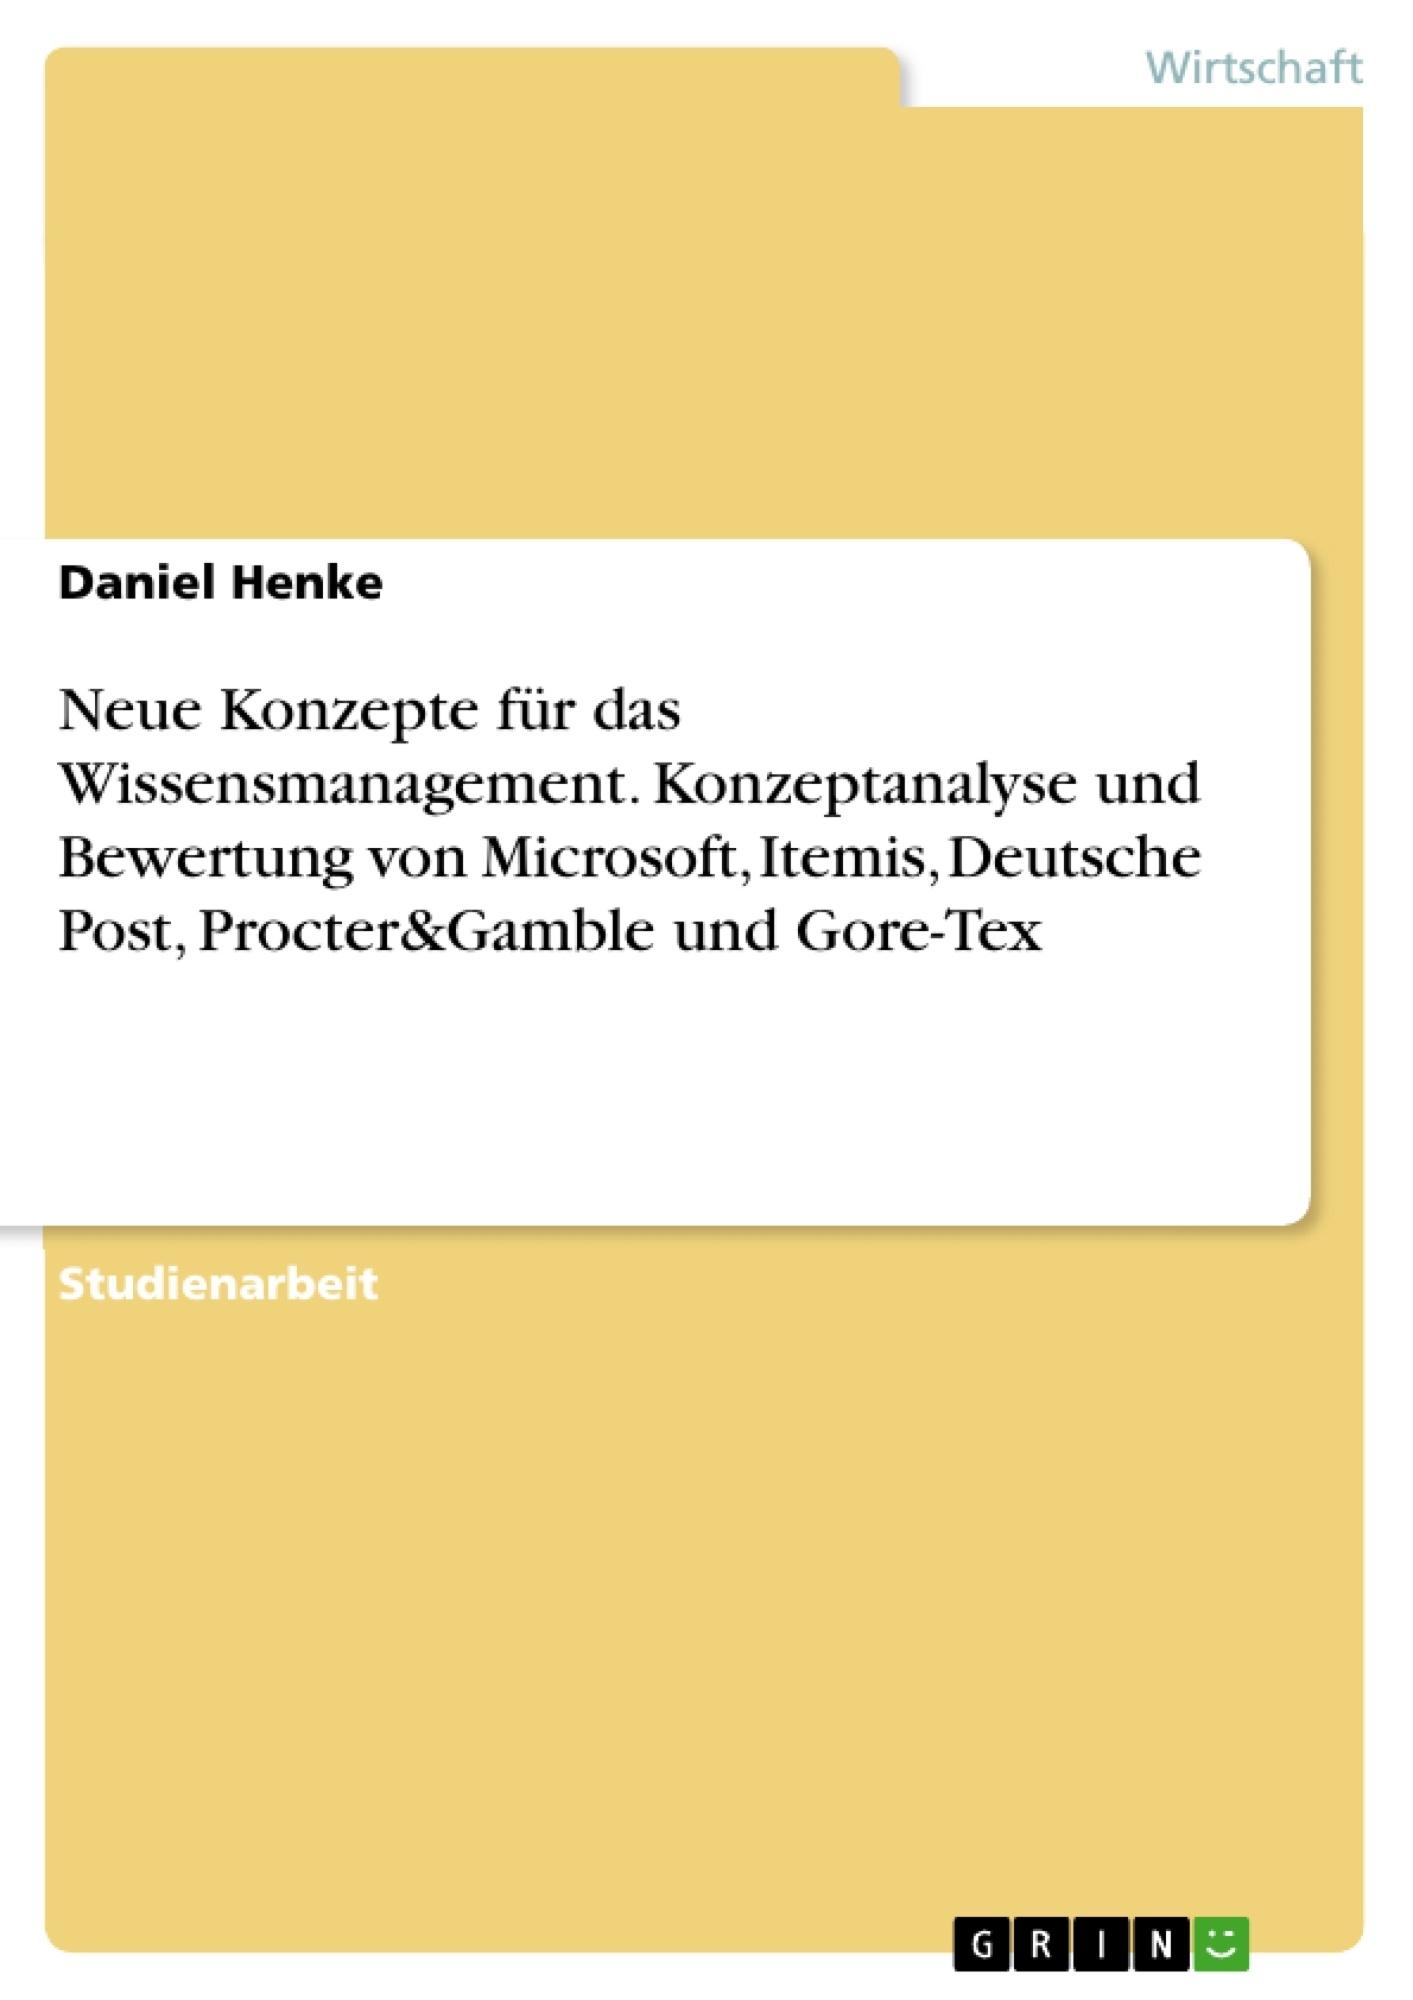 Titel: Neue Konzepte für  das Wissensmanagement. Konzeptanalyse und Bewertung von Microsoft, Itemis, Deutsche Post, Procter&Gamble und Gore-Tex